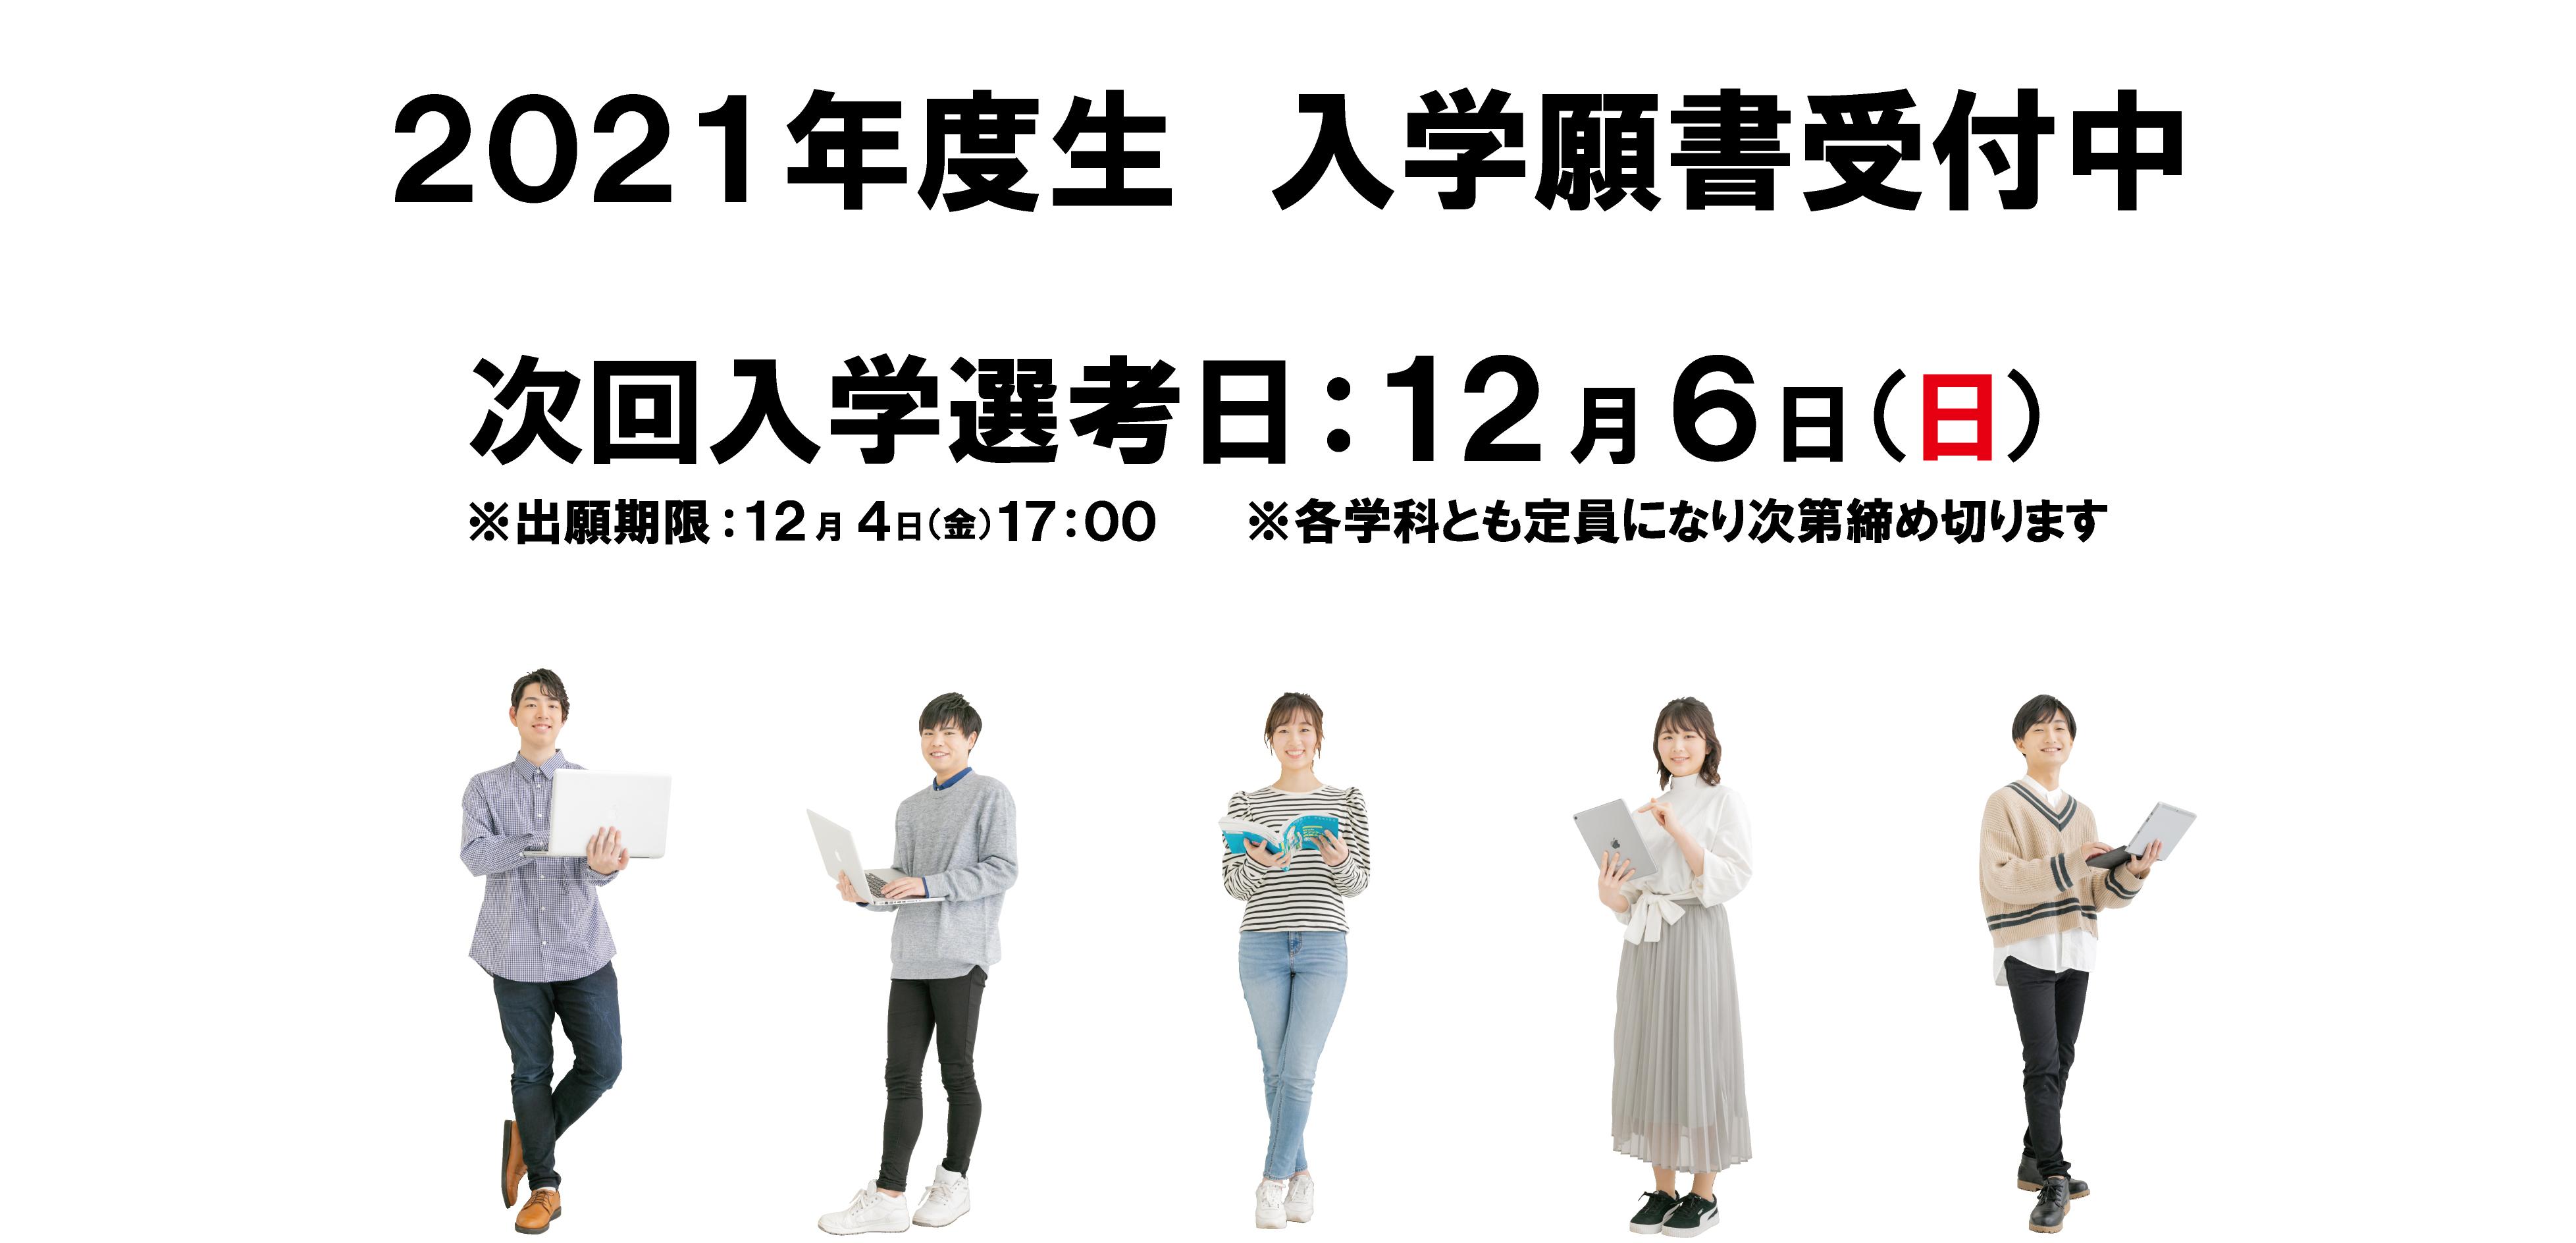 入学選考日